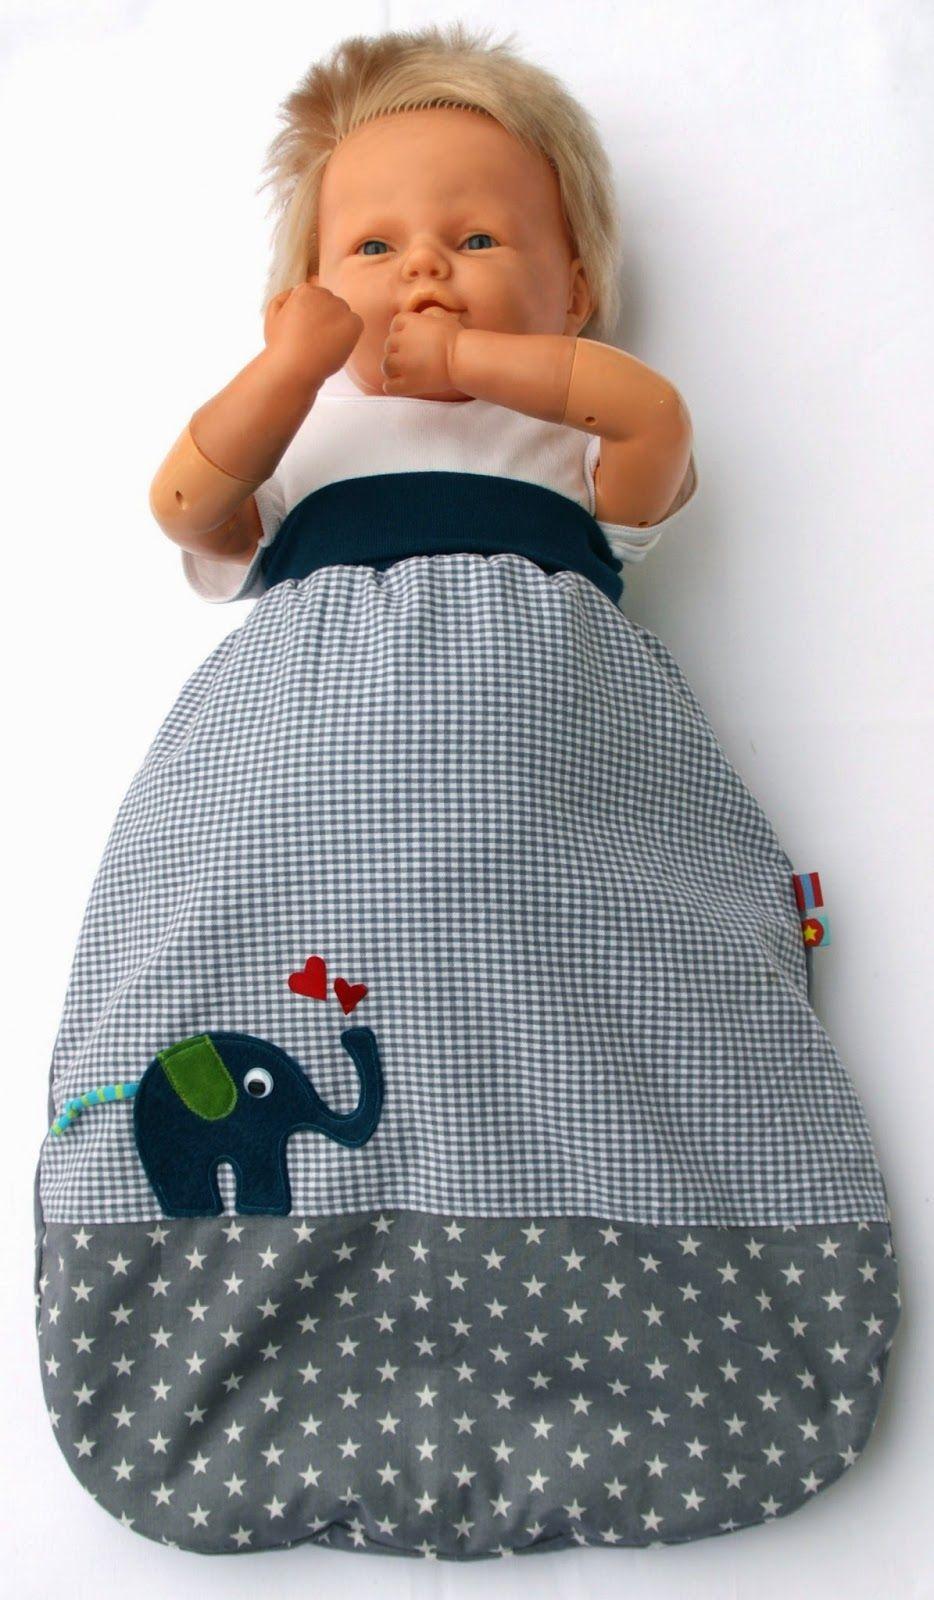 die besten 25 pucksack ideen auf pinterest h keln f r baby mein baby will nicht schlafen und. Black Bedroom Furniture Sets. Home Design Ideas